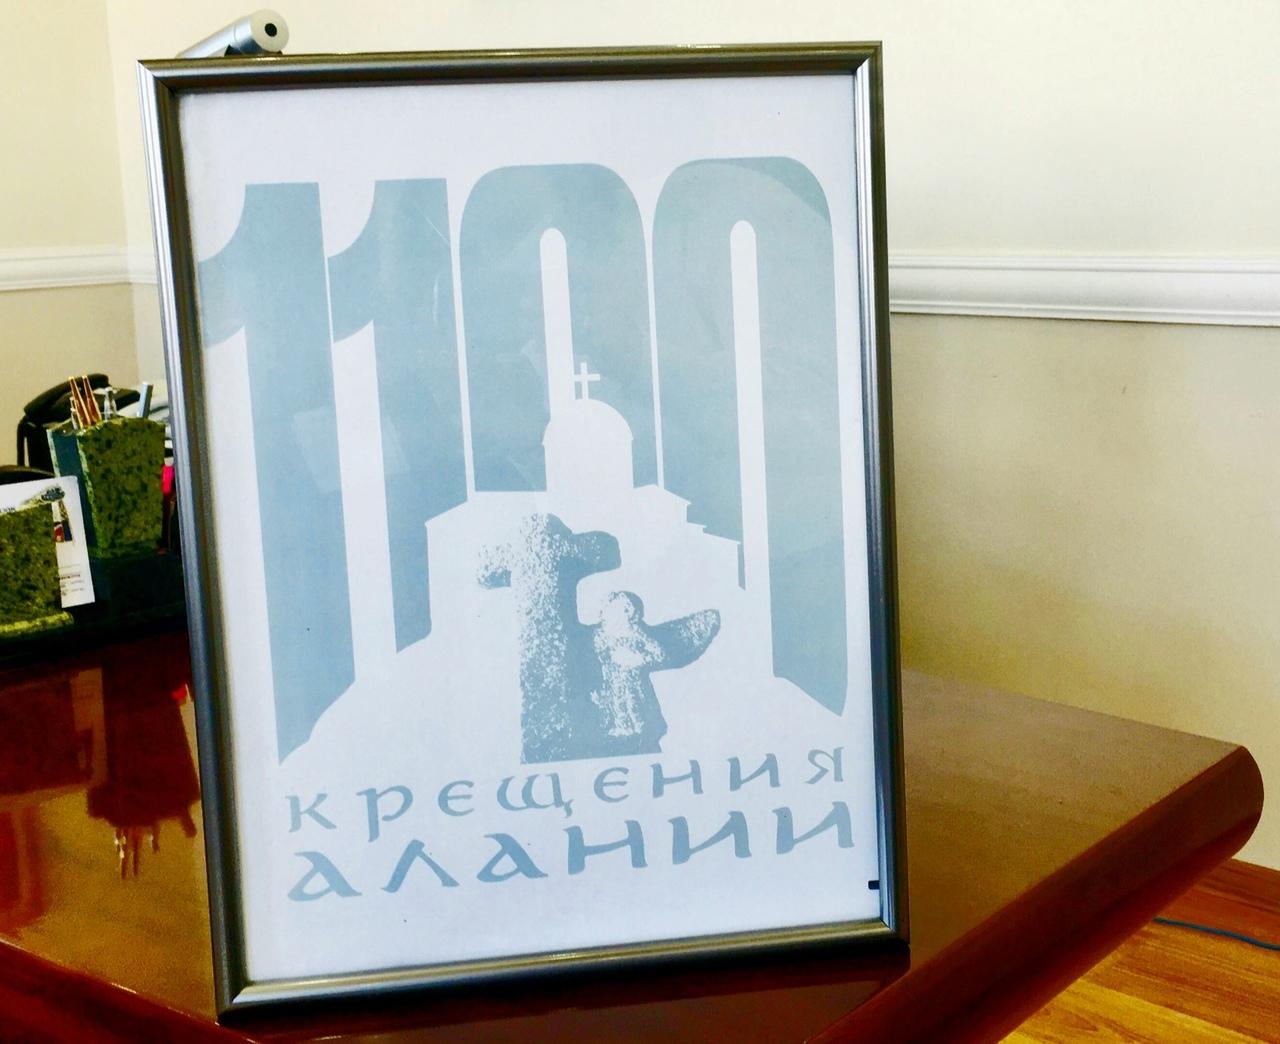 Во Владикавказе презентовали логотип празднования 1100-летия Крещения Алании